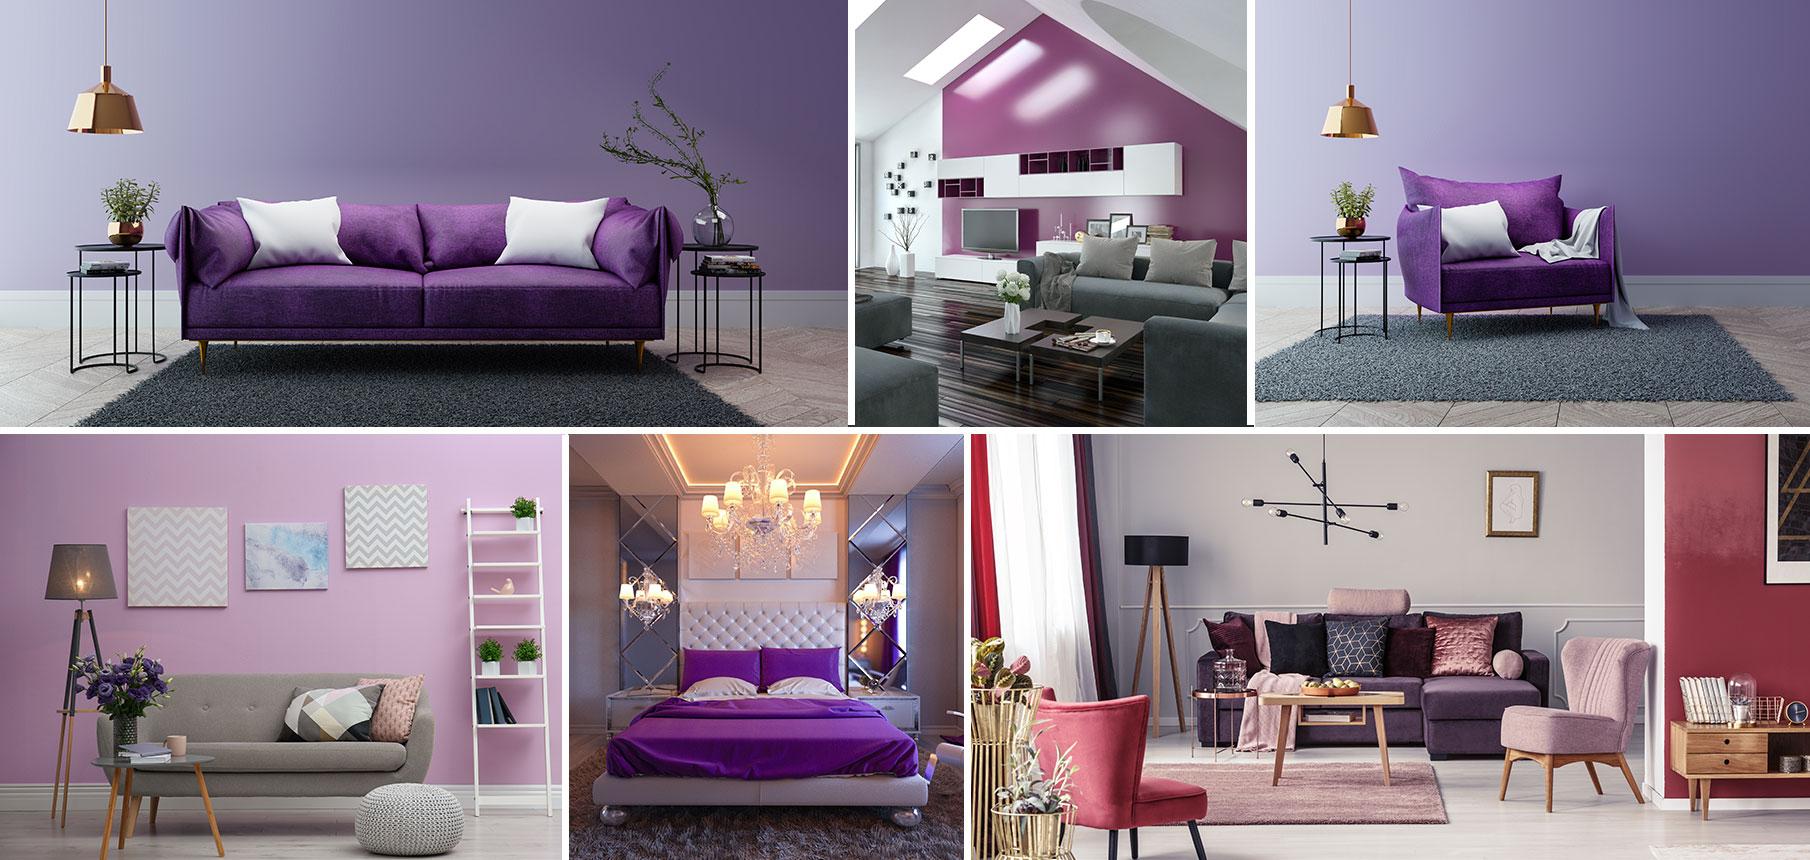 VIOLET - Couleur violette